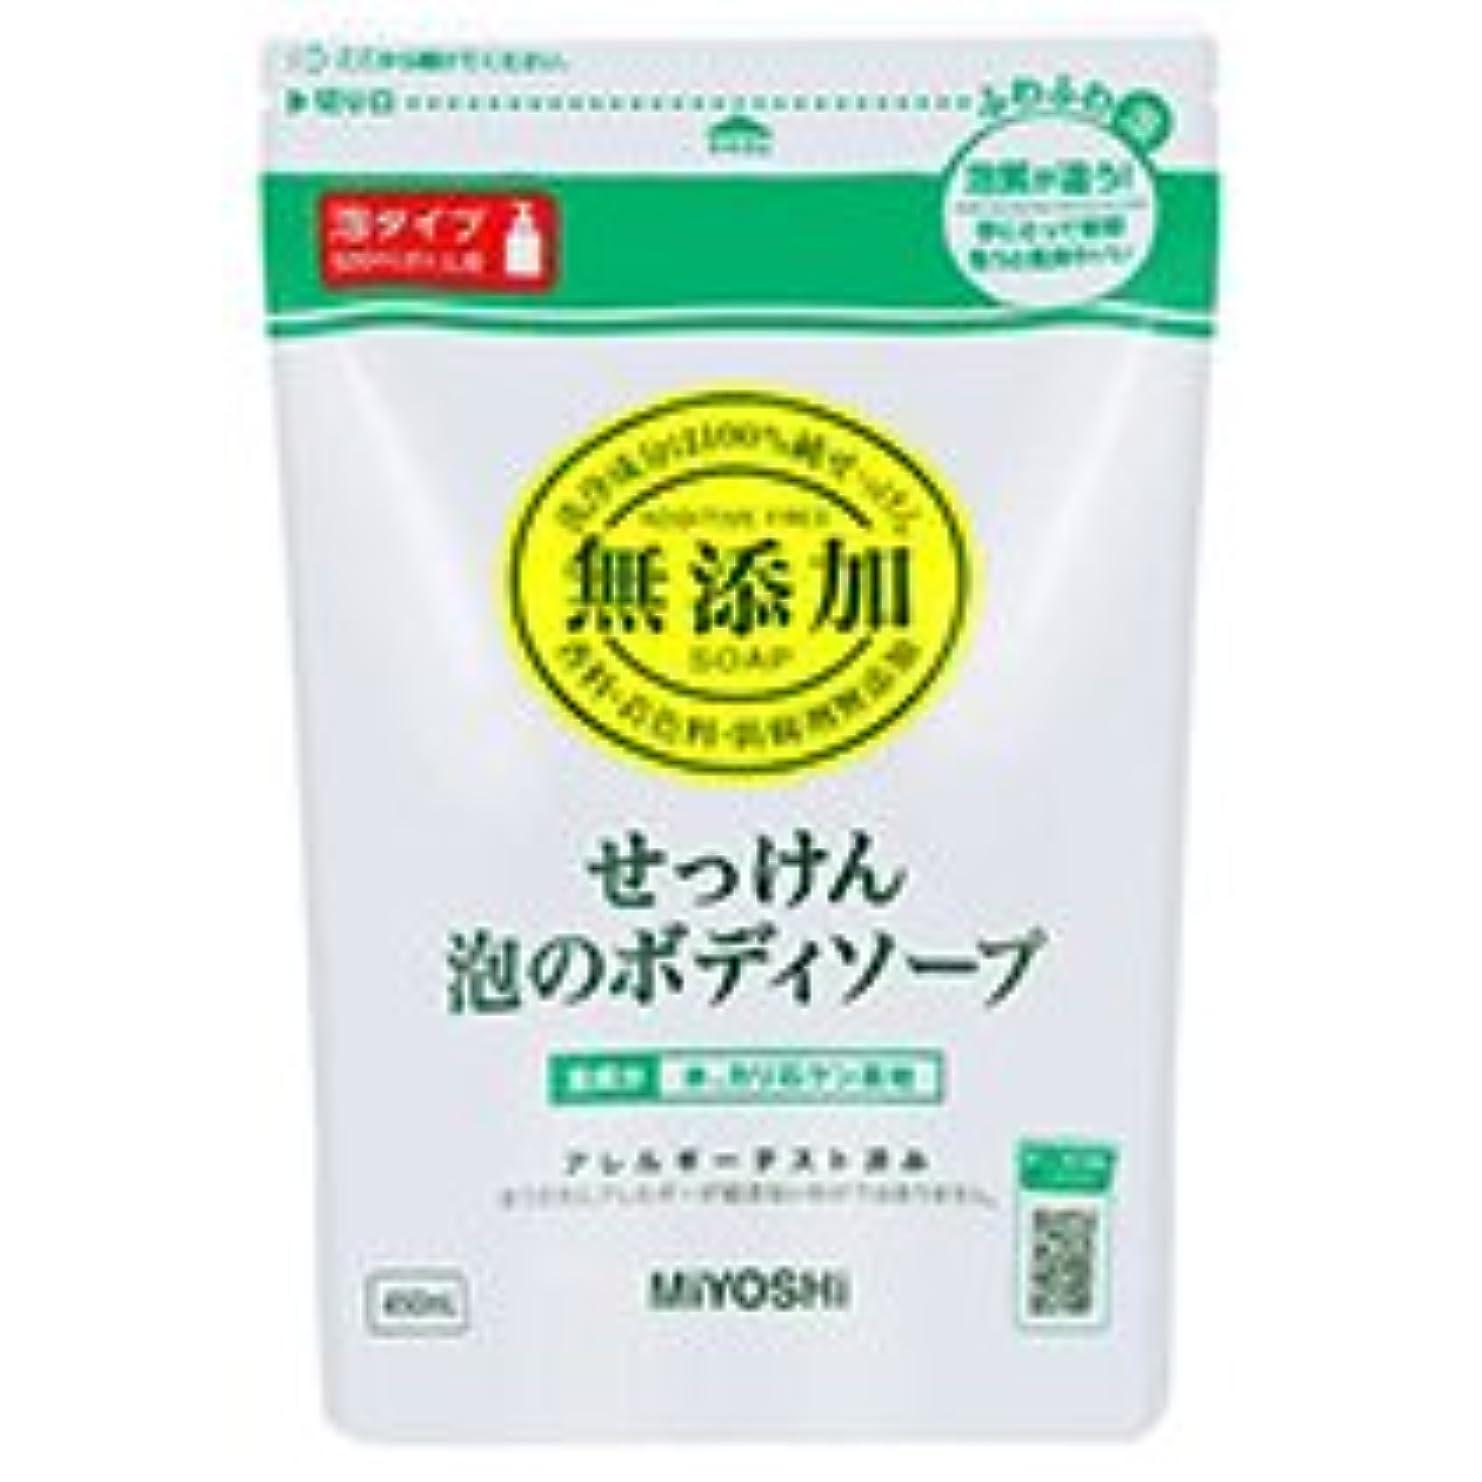 例嘆願争いミヨシ石鹸 無添加せっけん 泡のボディソープ 詰替用 450ml 1個